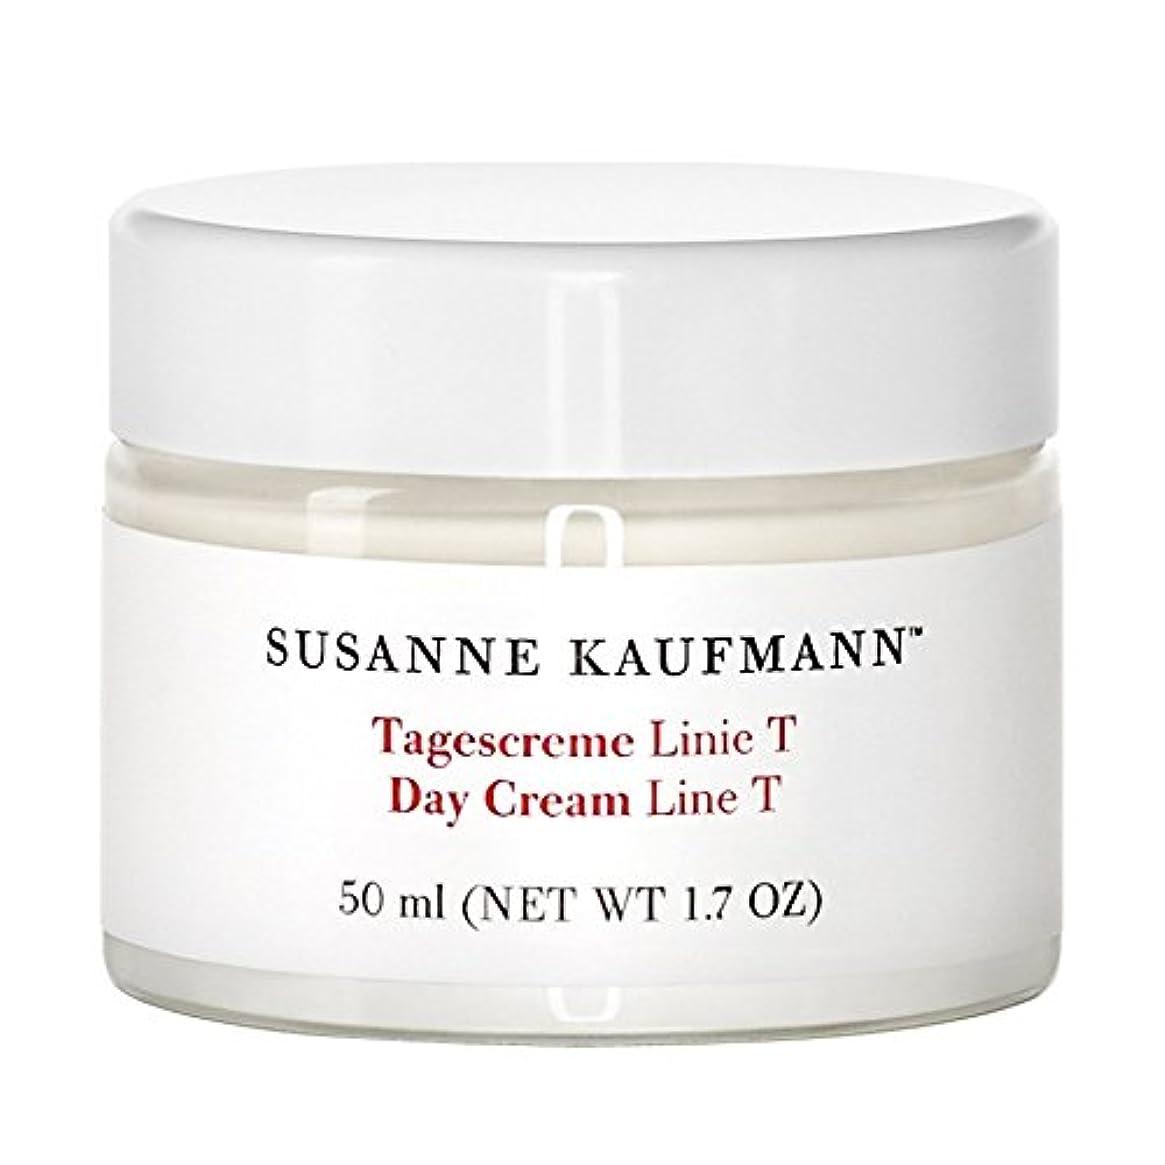 キネマティクスグラス政治的Susanne Kaufmann Day Cream Line T 50ml - スザンヌカウフマン日クリームライントンの50ミリリットル [並行輸入品]